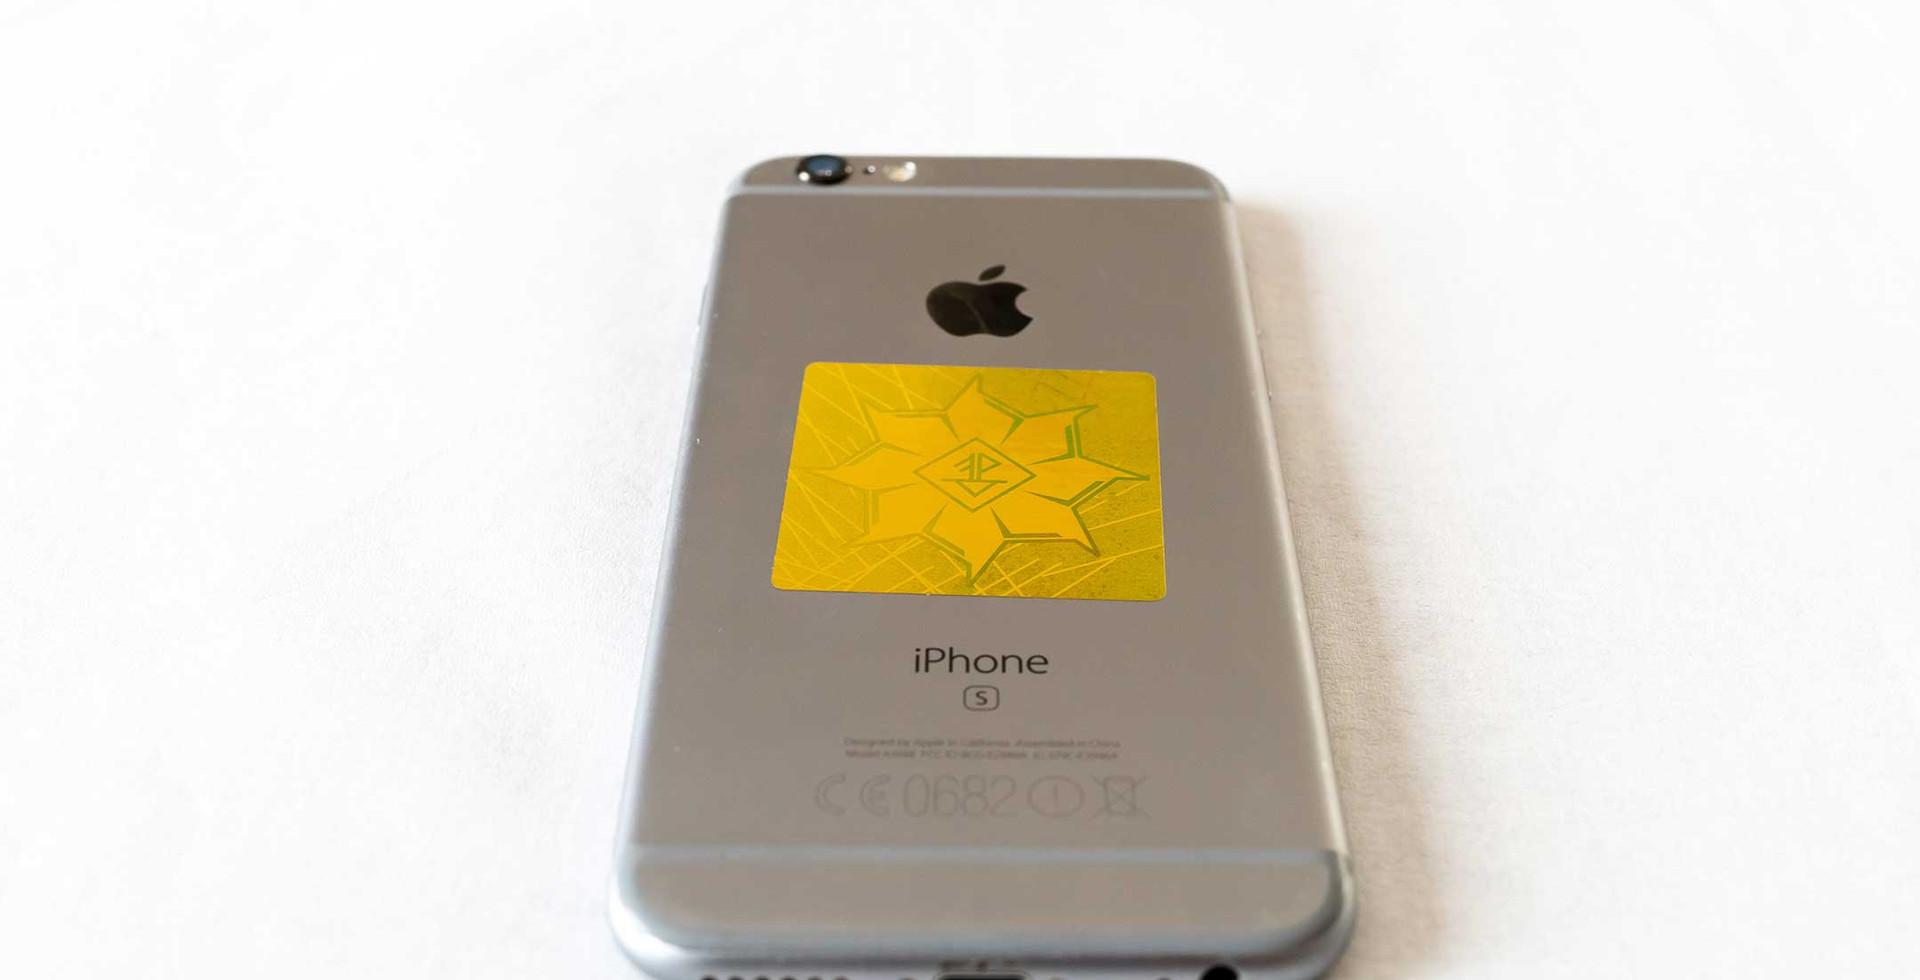 EMF sticker on iPhone.jpg